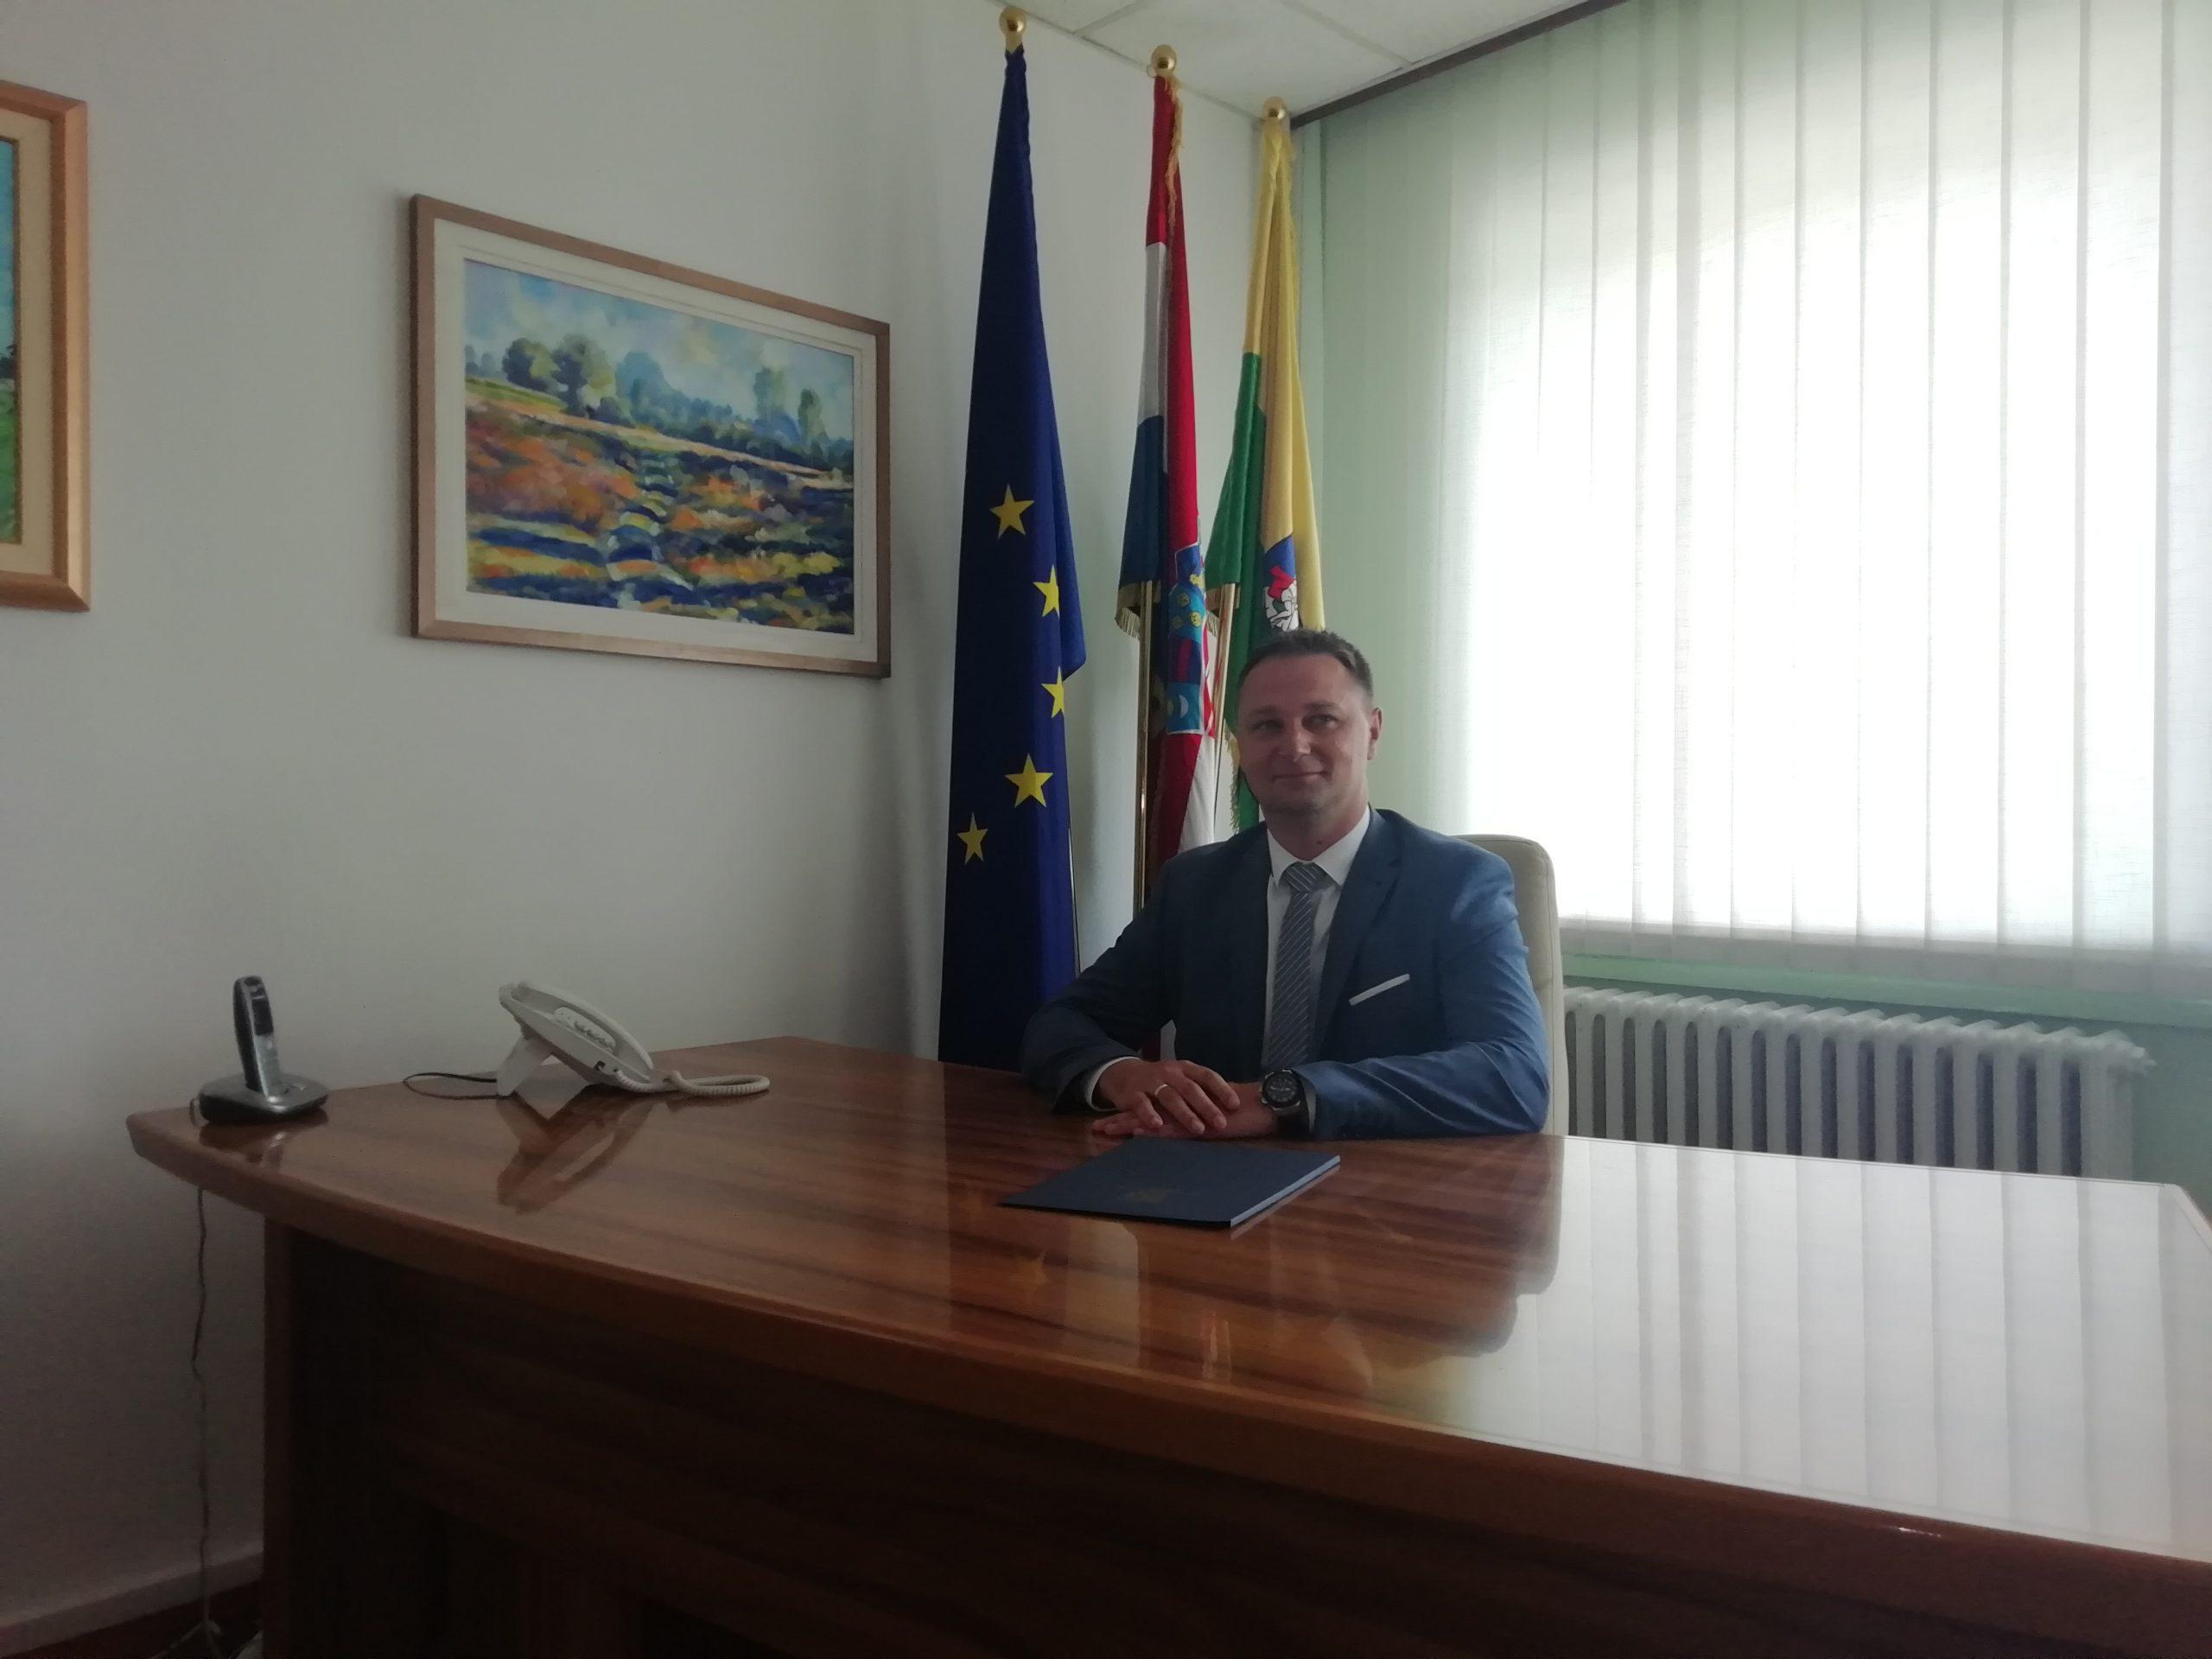 Marušić: Prema prvim spoznajama, izgleda da ću prije biti stečajni upravitelj nego župan